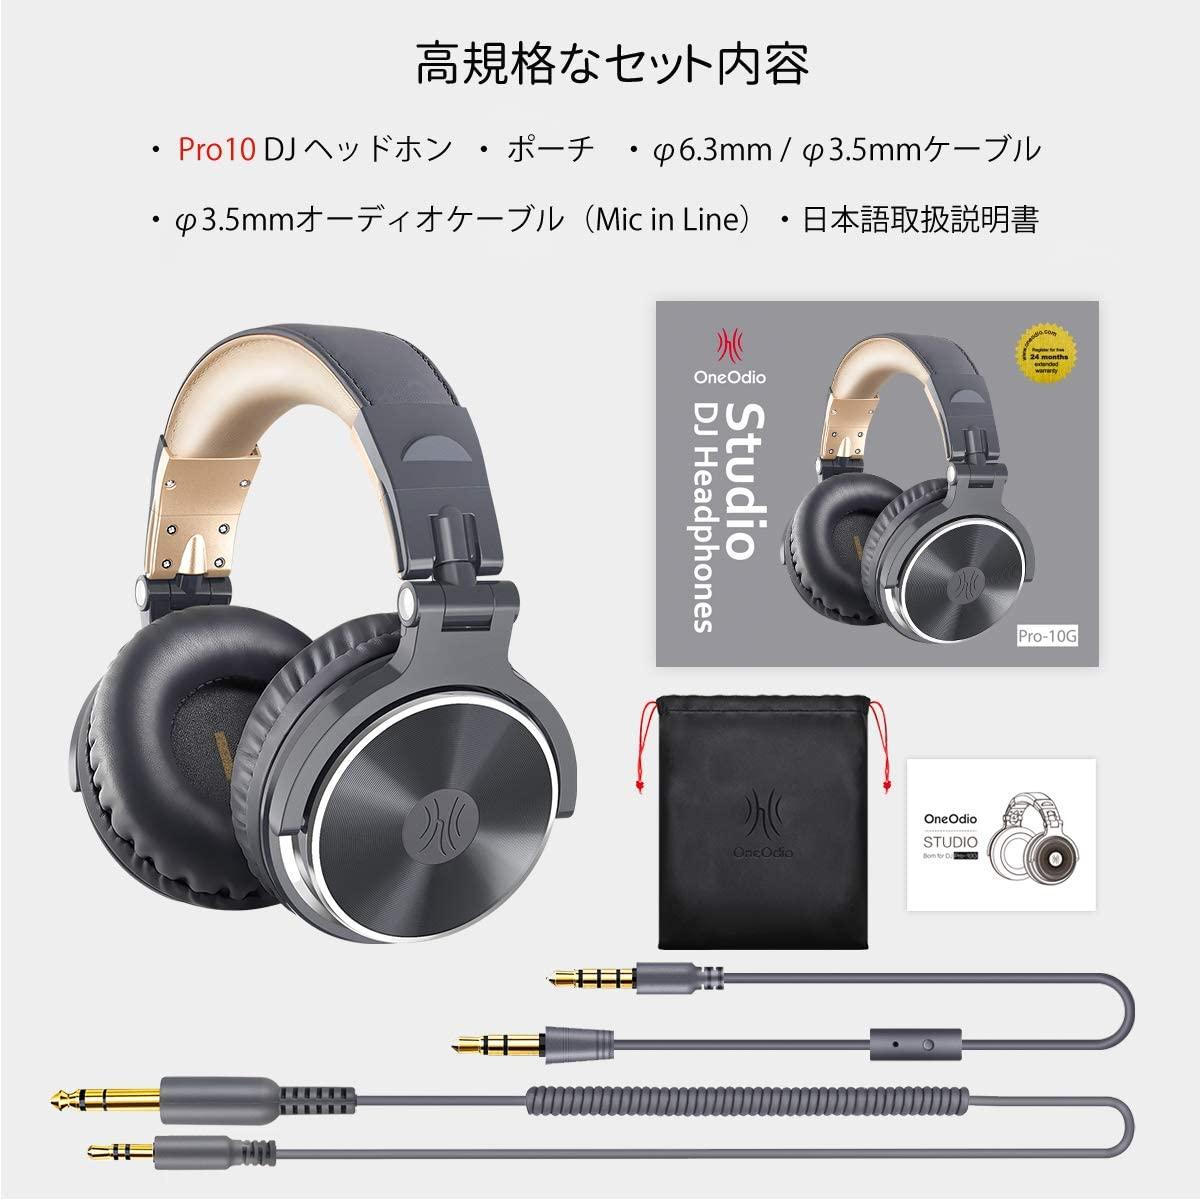 OneOdio(ワンオディオ) モニターヘッドホン Pro10の商品画像7